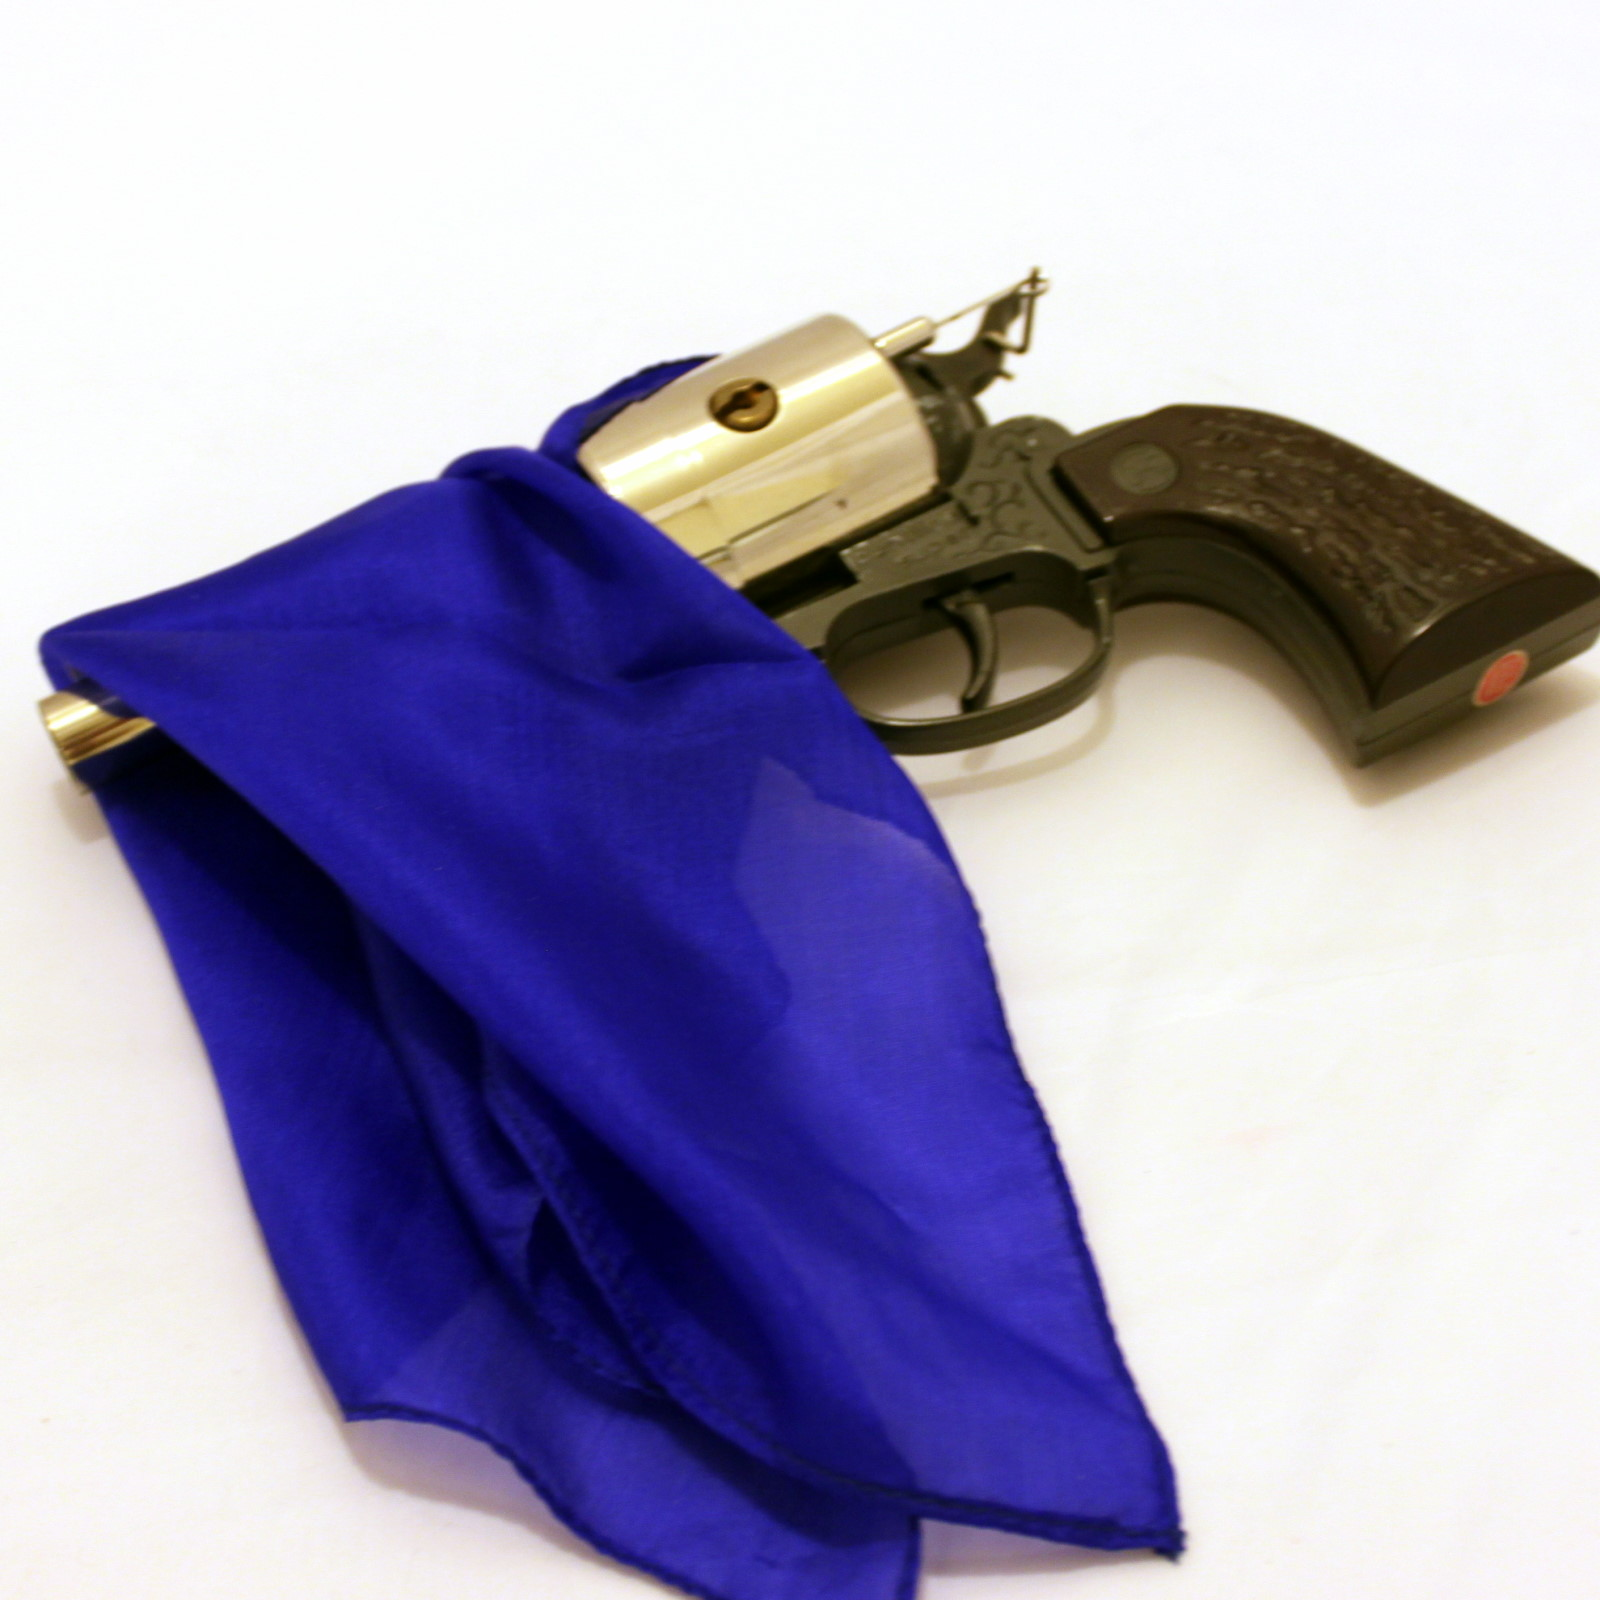 Vintage German Silk Vanishing Pistol by Germany